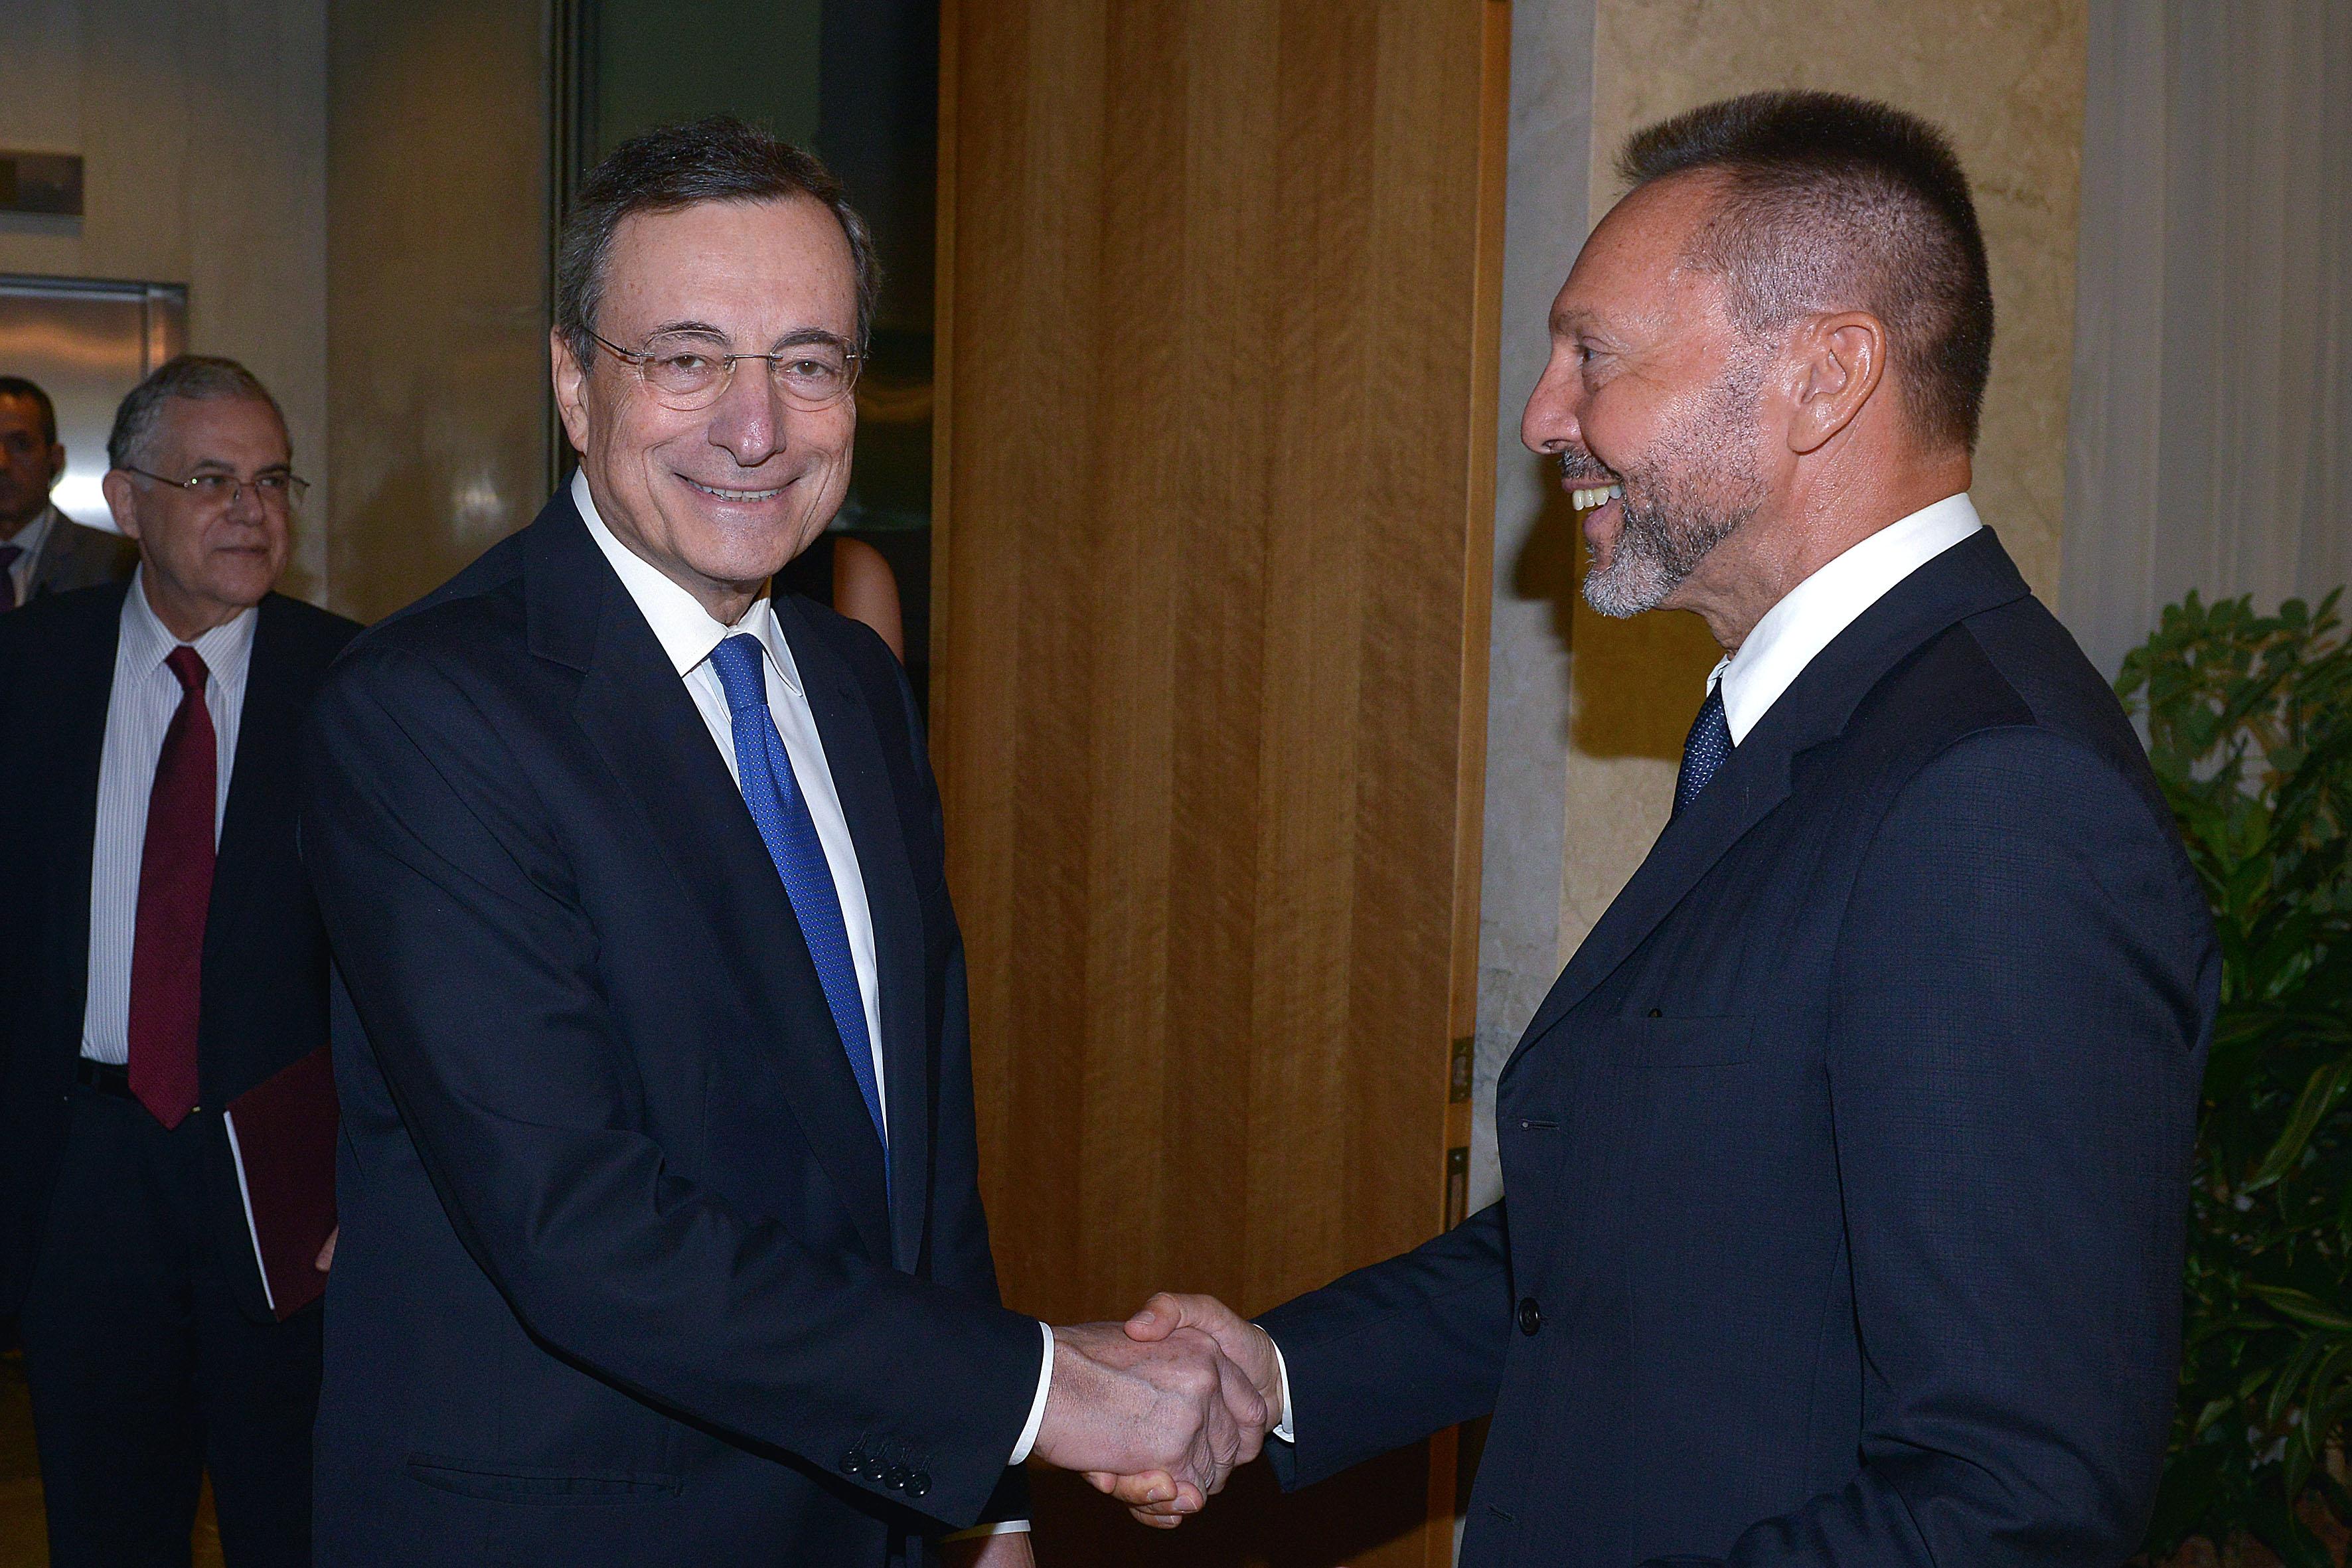 Γιάννης Στουρνάρας για Μάριο Ντράγκι: Με τις ενέργειες του έσωσε το ευρώ και απέτρεψε τοGrexit